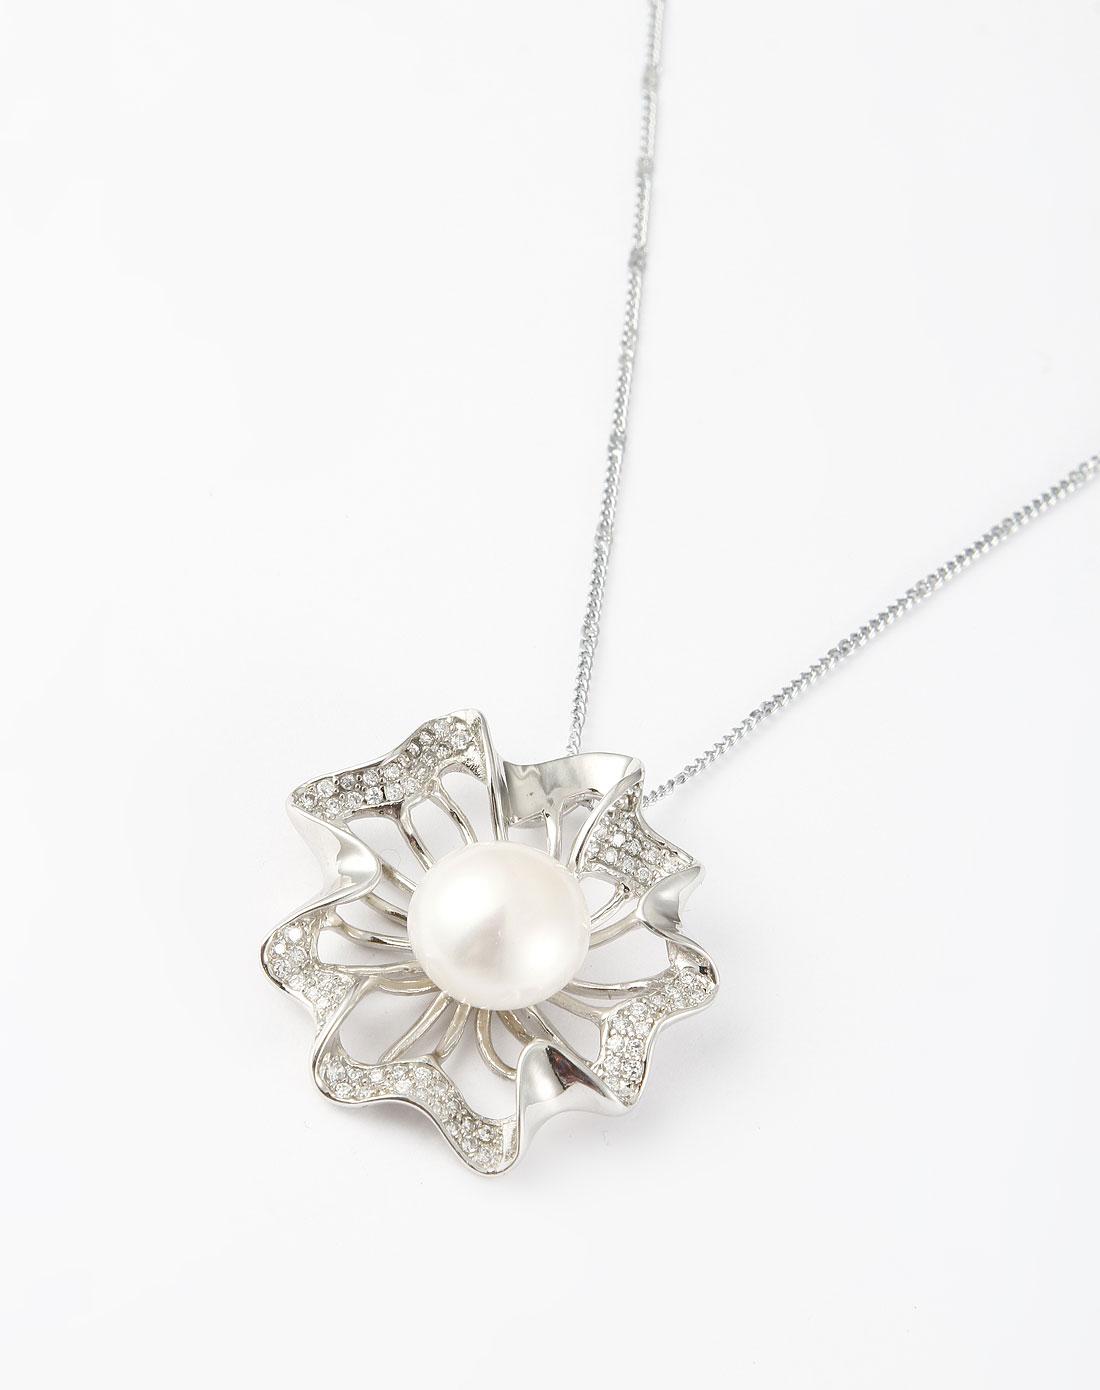 白色天然大珍珠镶钻花环项链